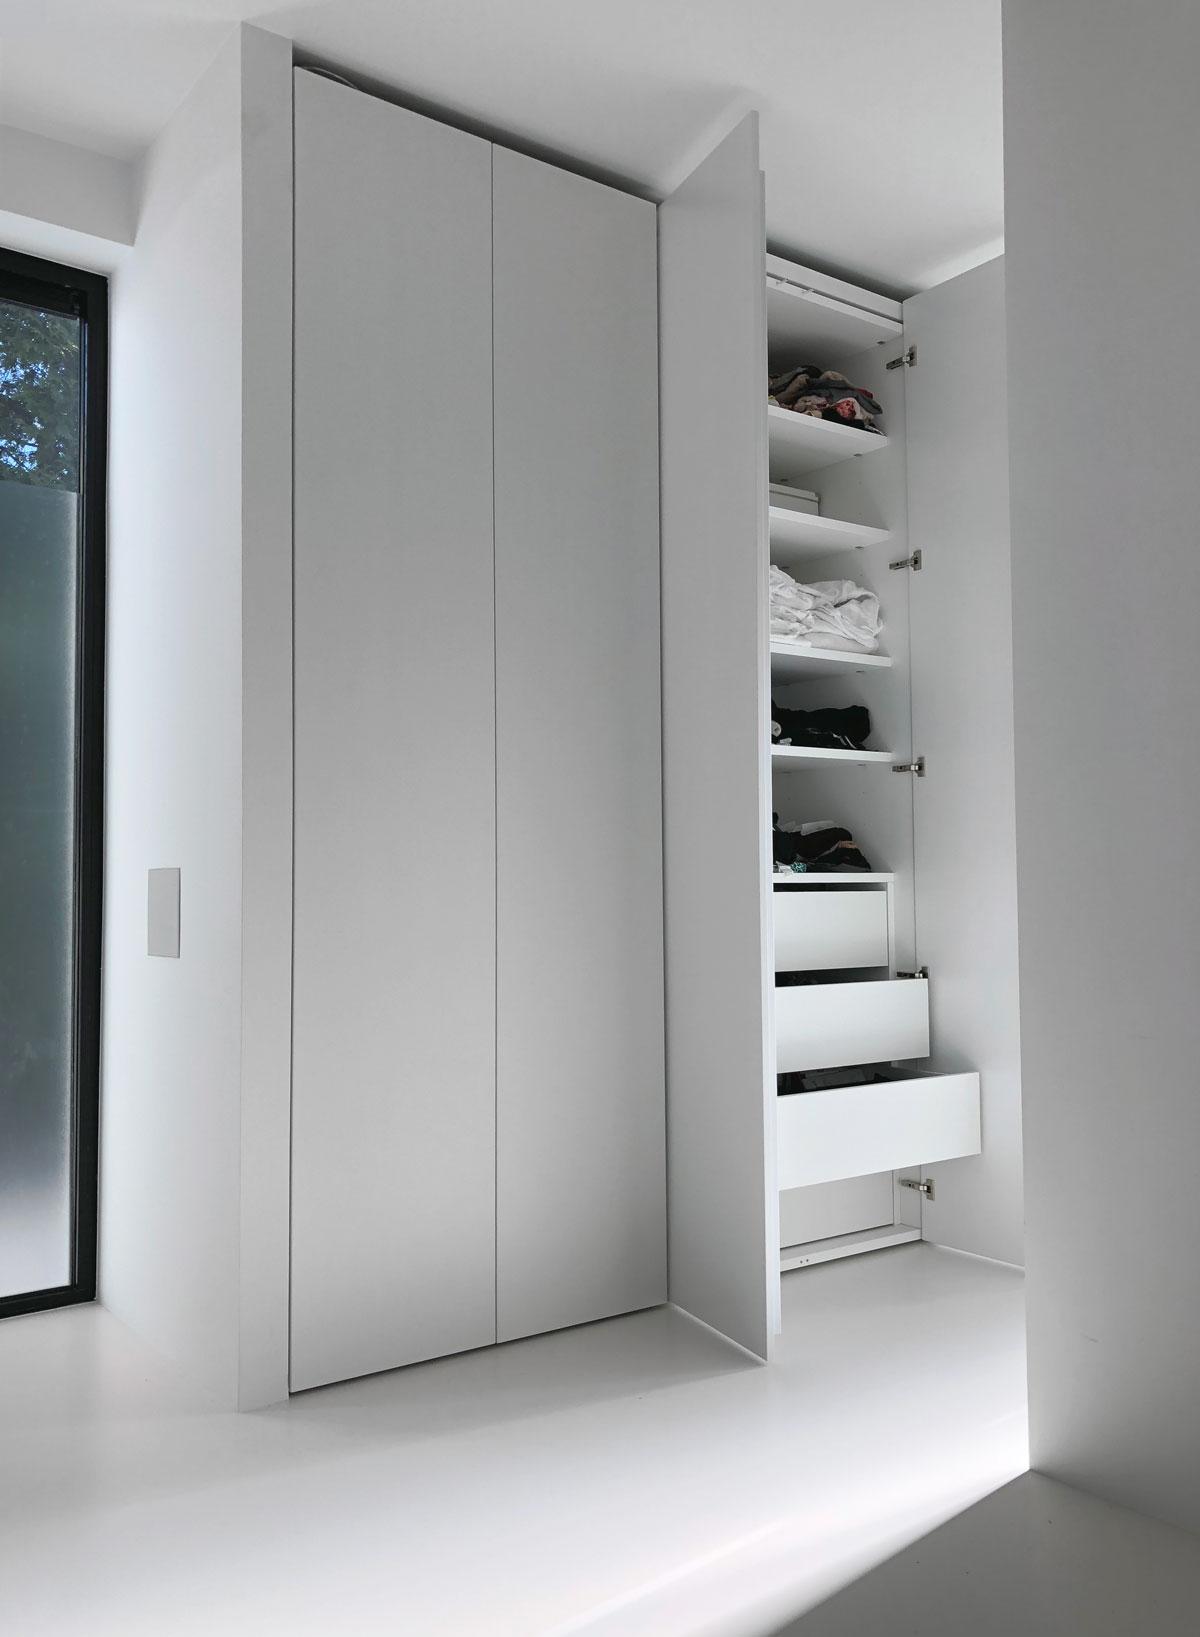 Afbeelding van een design kastinrichting met minimalistische lades en legplanken.